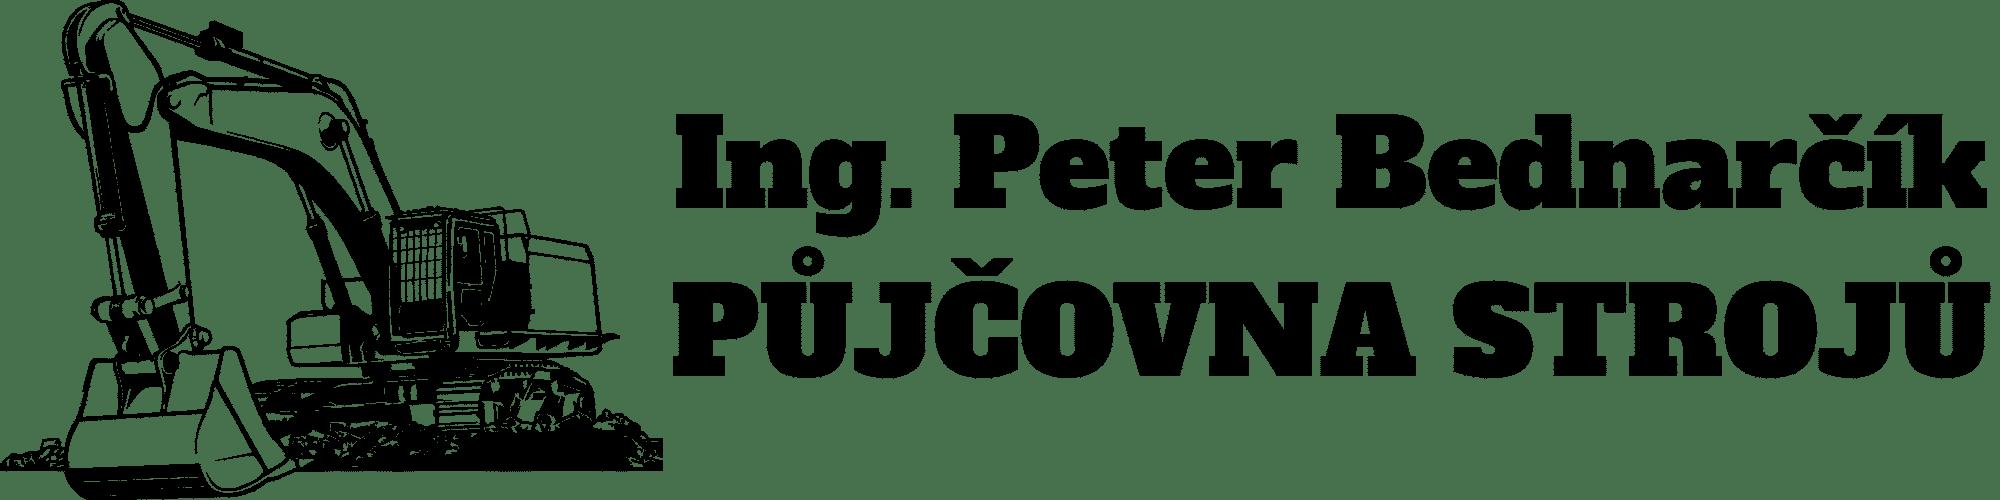 Peter Bednarčík, logo s nápisem